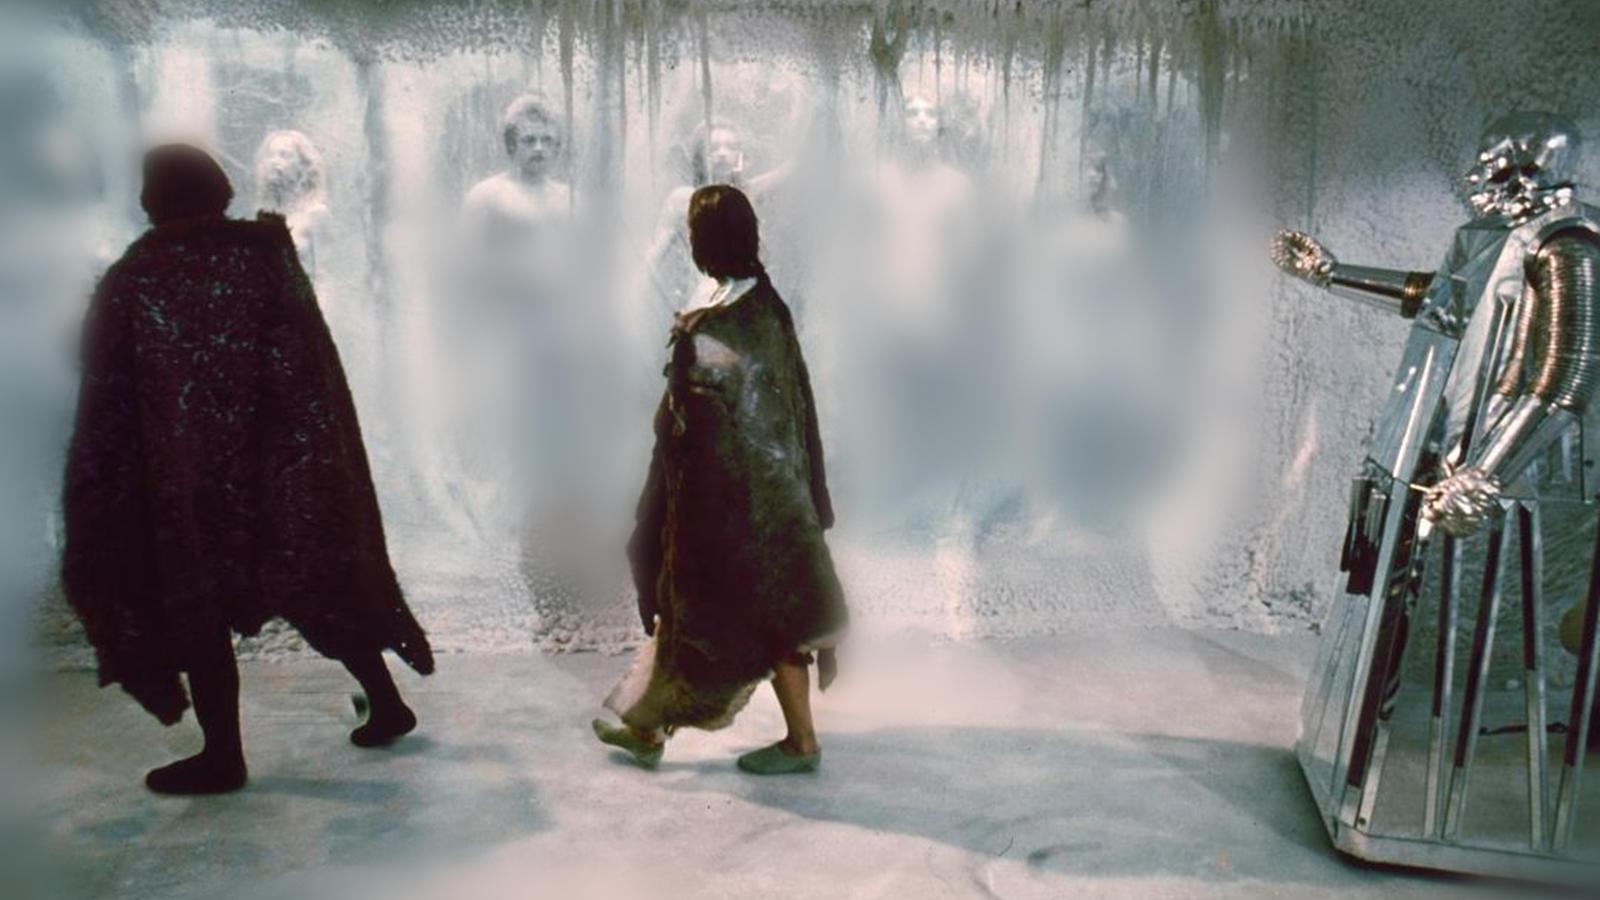 #经典看电影#未来世界,人类活到30岁都要接受一个考验,没有人能活着回来